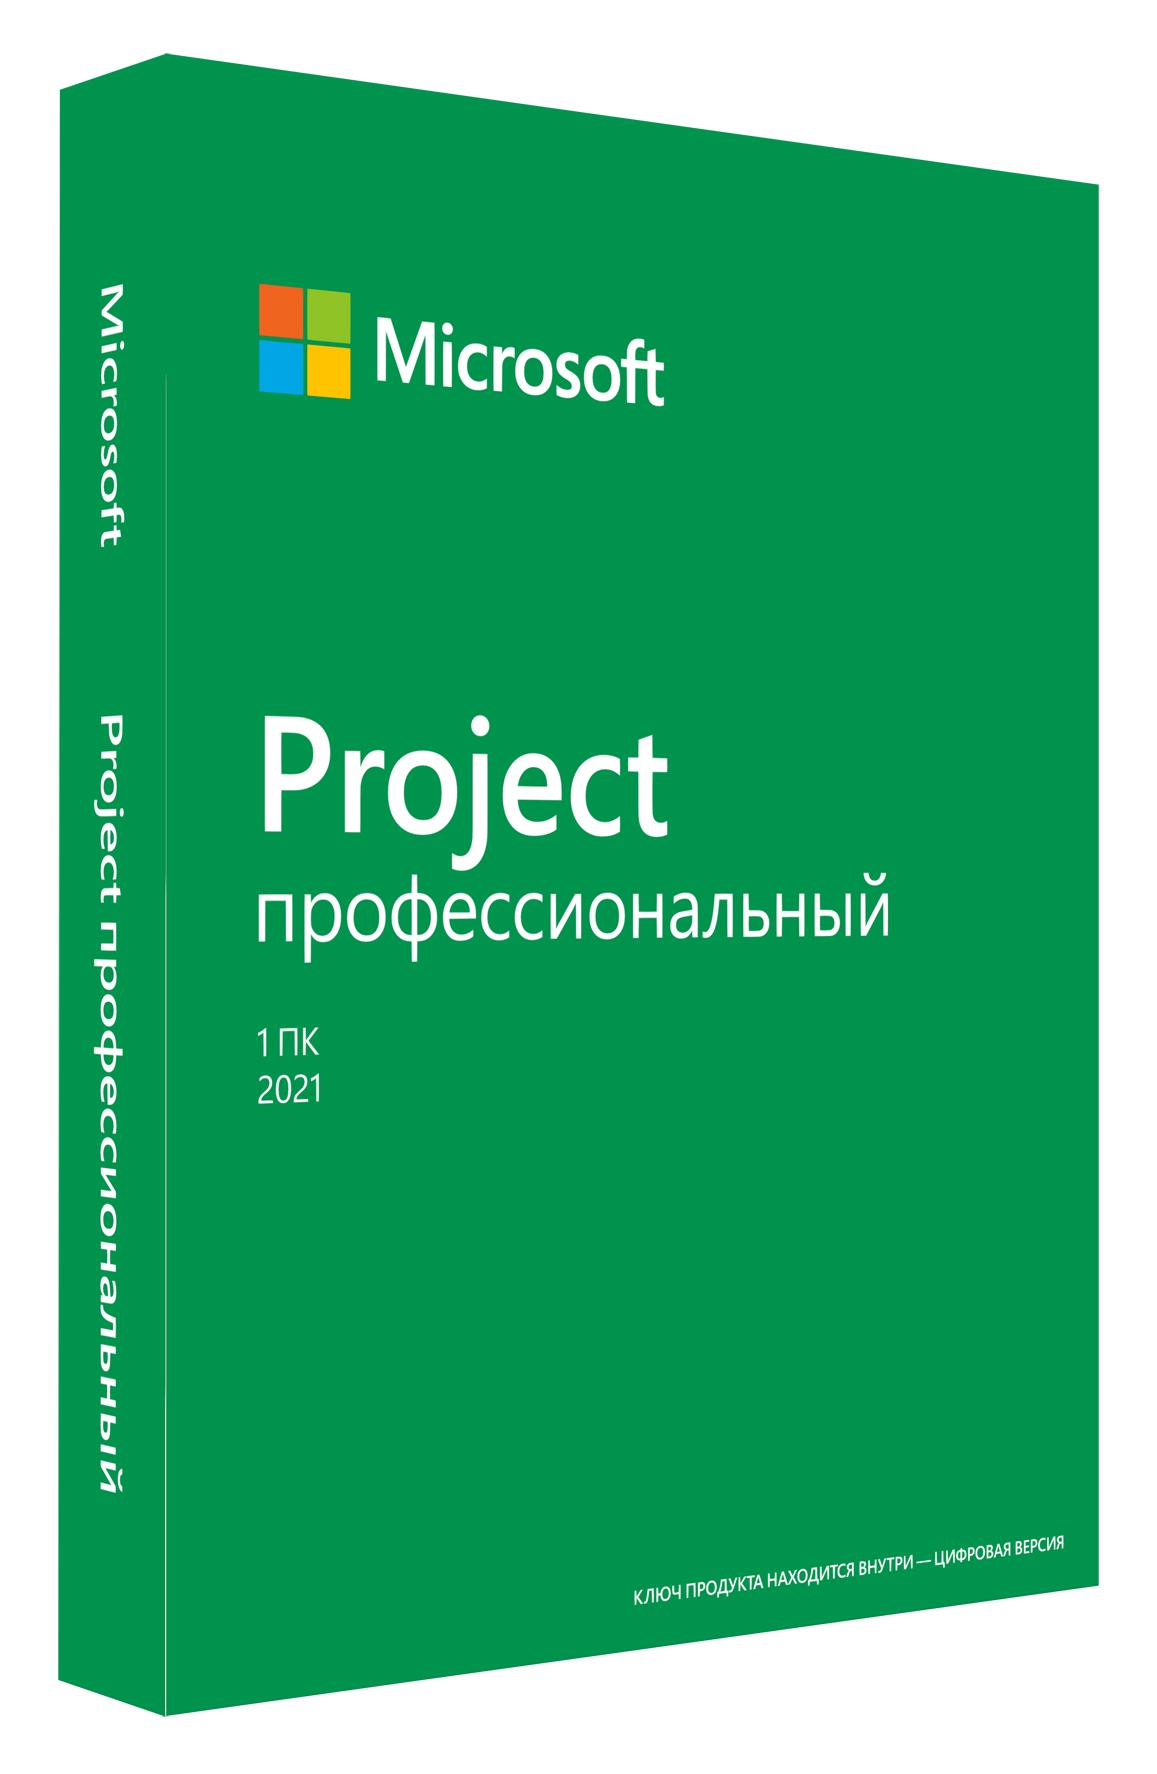 Project профессиональный 2021